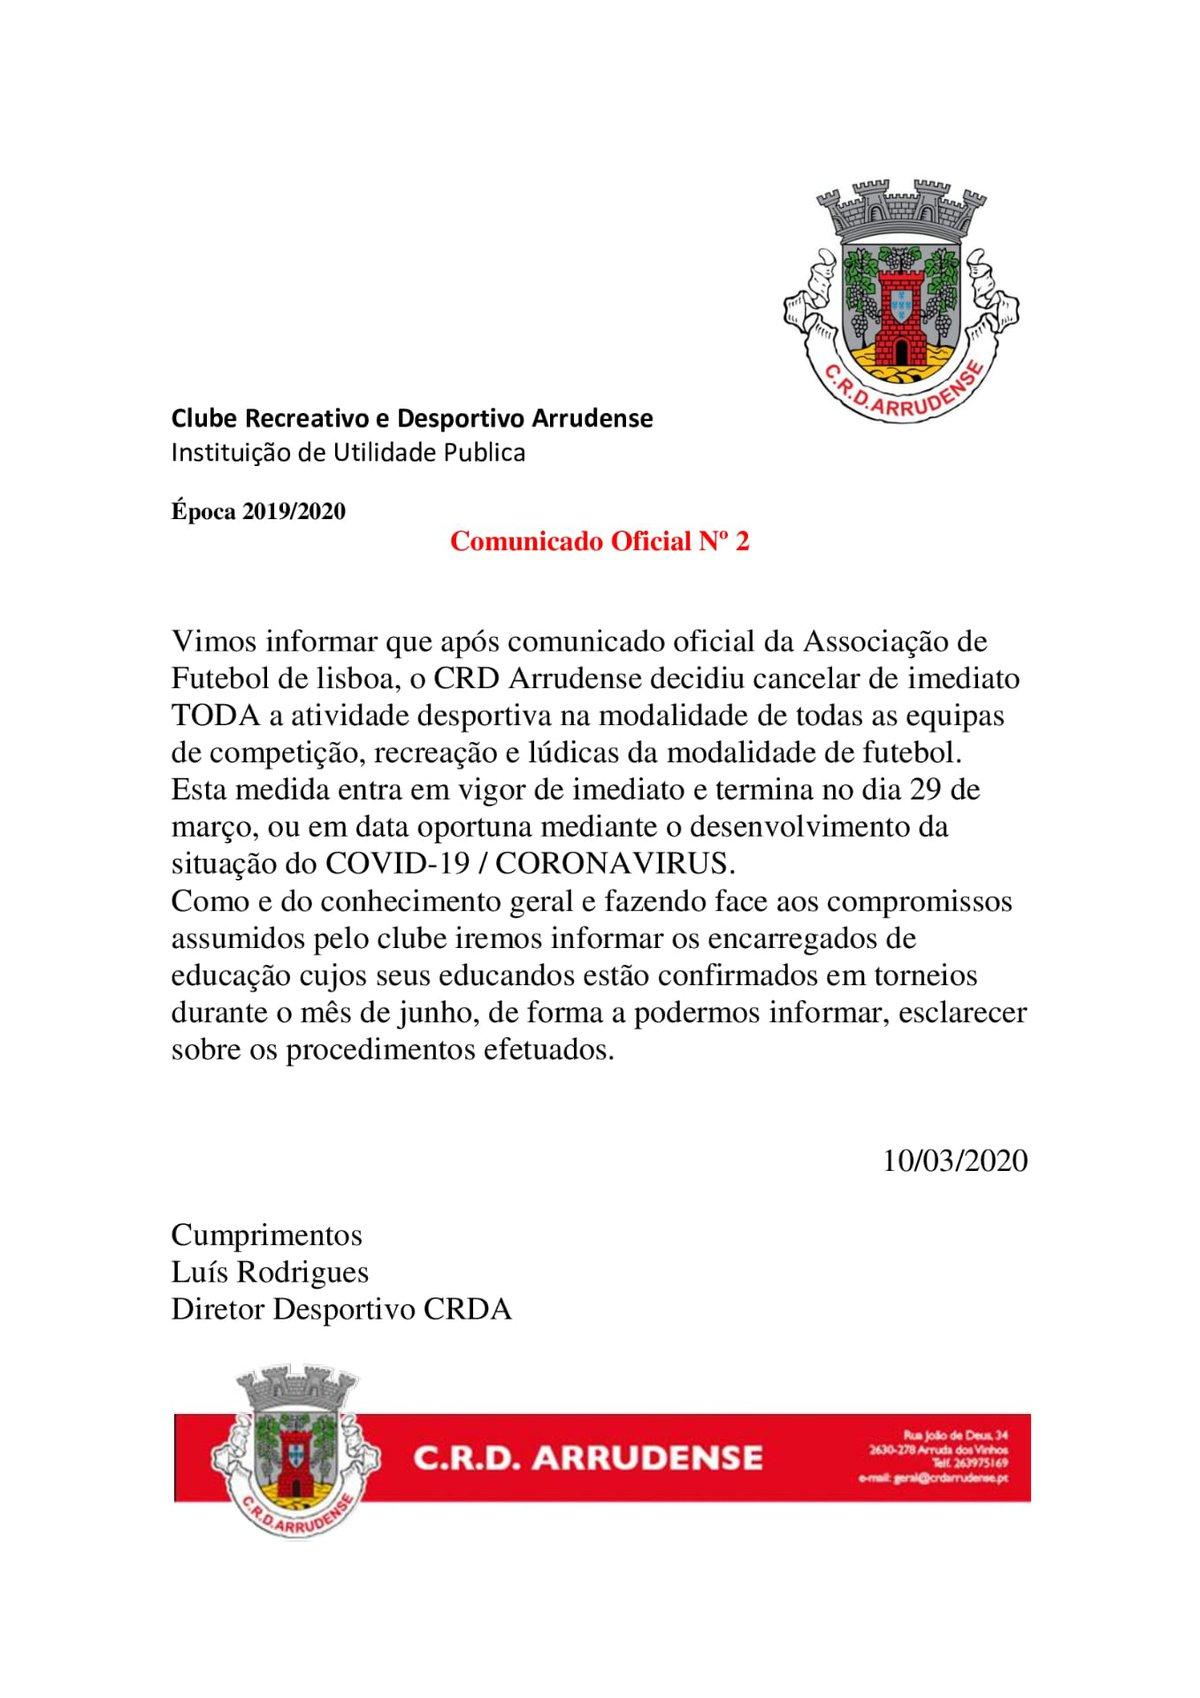 SUSPENSÃO DE ATIVIDADES DESPORTIVAS